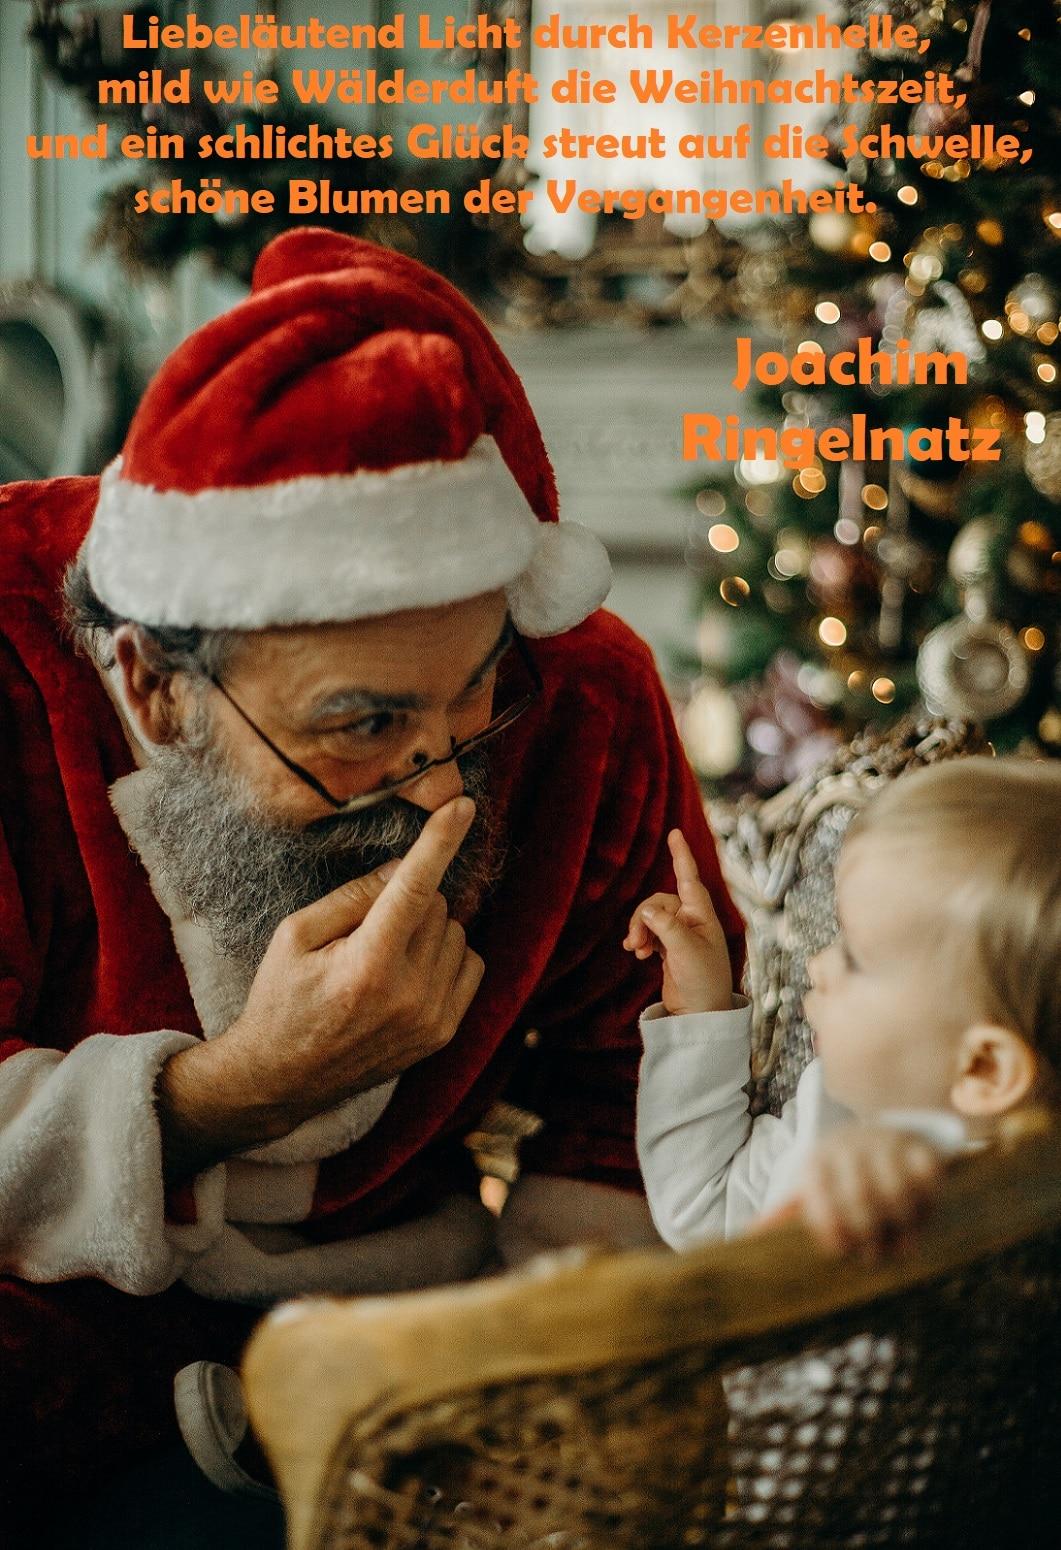 Weihnachtswünsche Bild 5